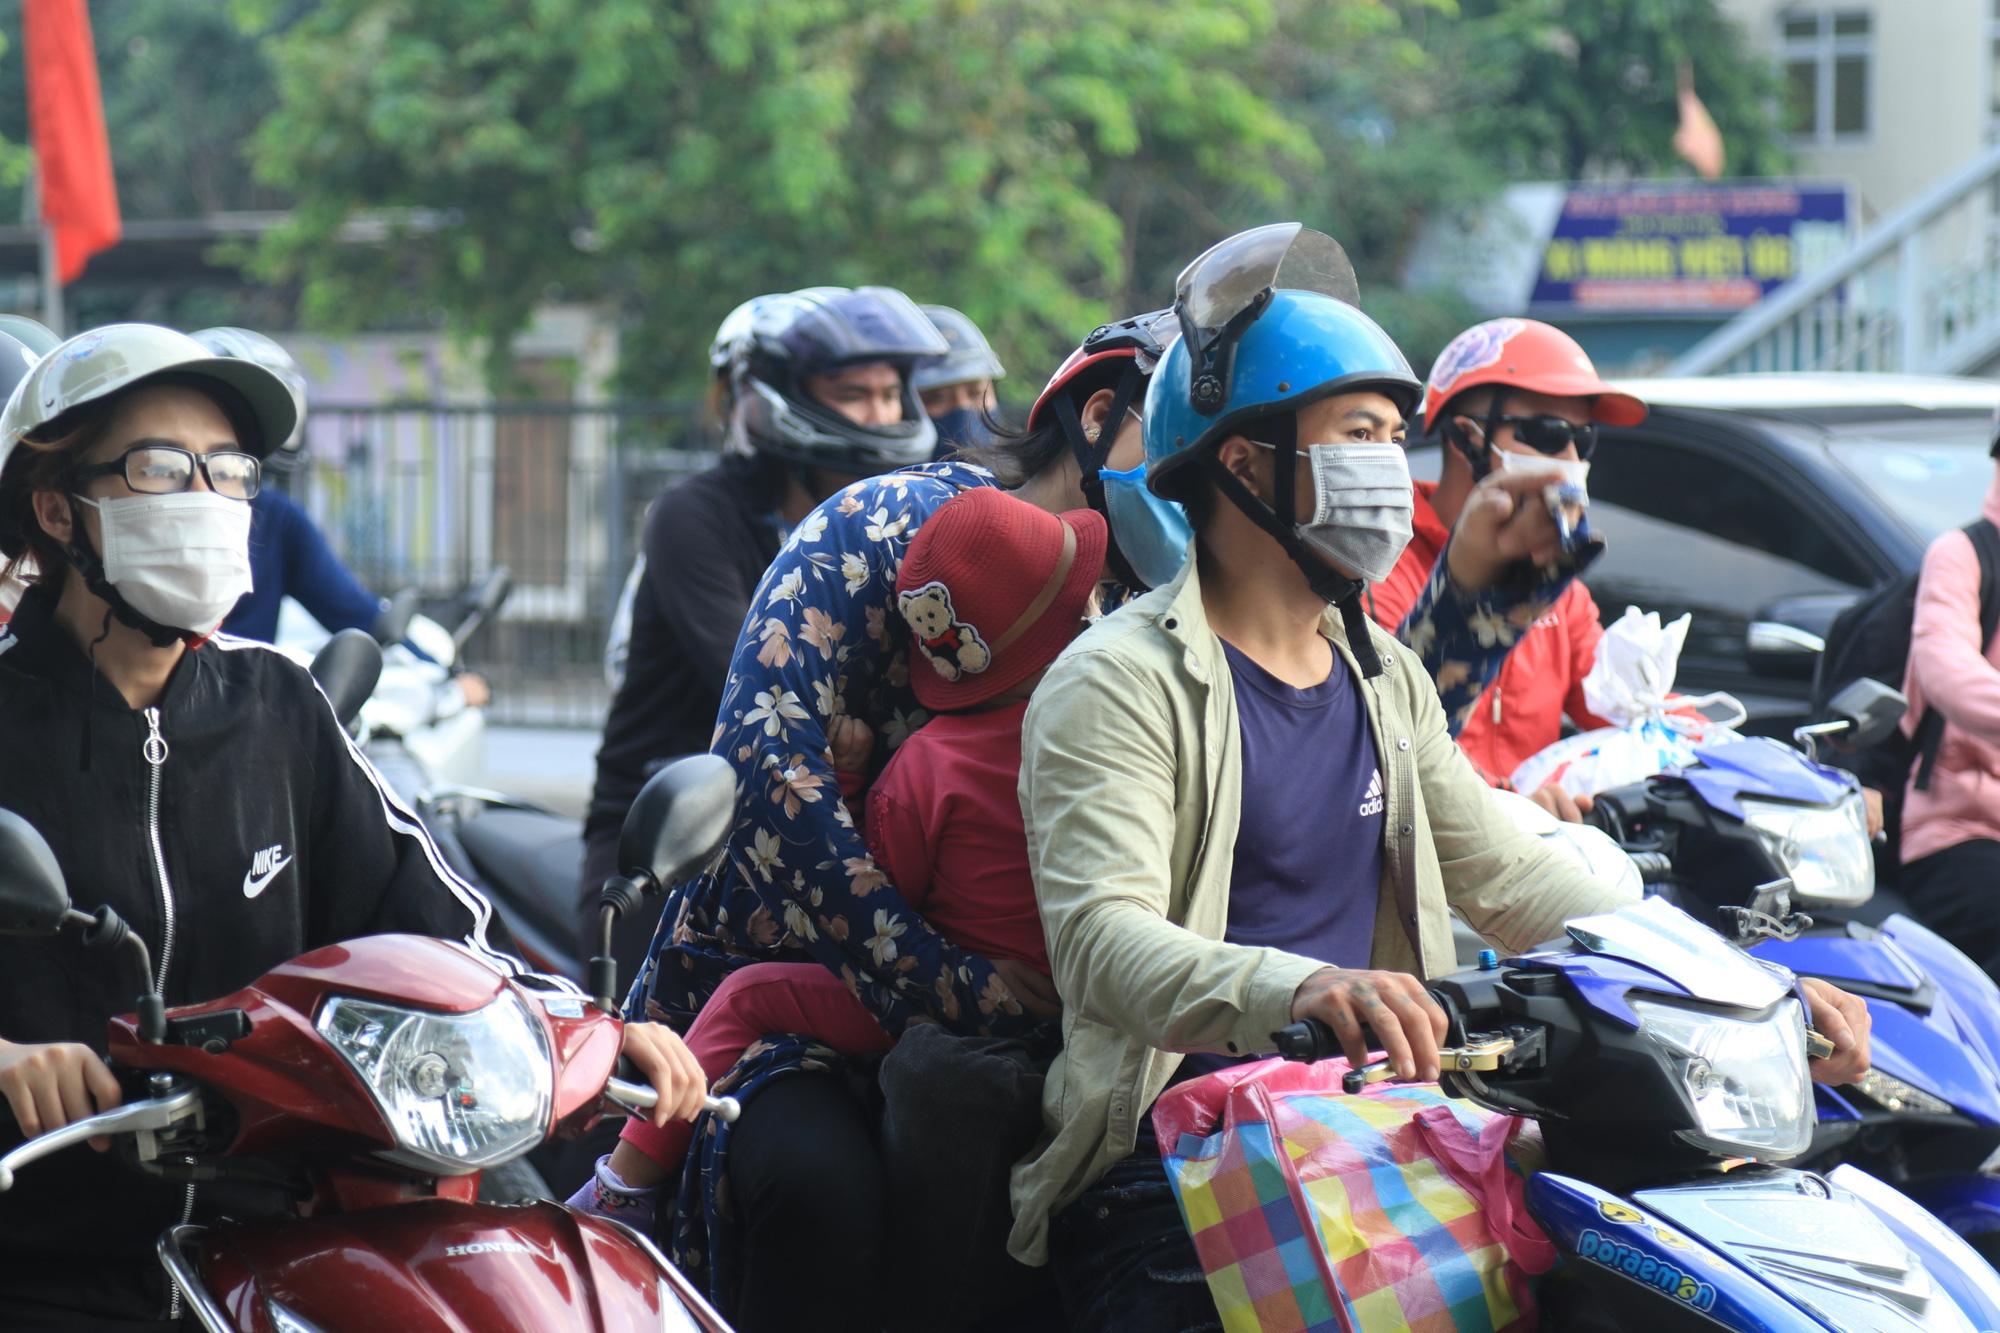 Người dân khai báo y tế bắt buộc ra sao khi trở lại Hà Nội sau nghỉ lễ 30/4-1/5? - Ảnh 1.